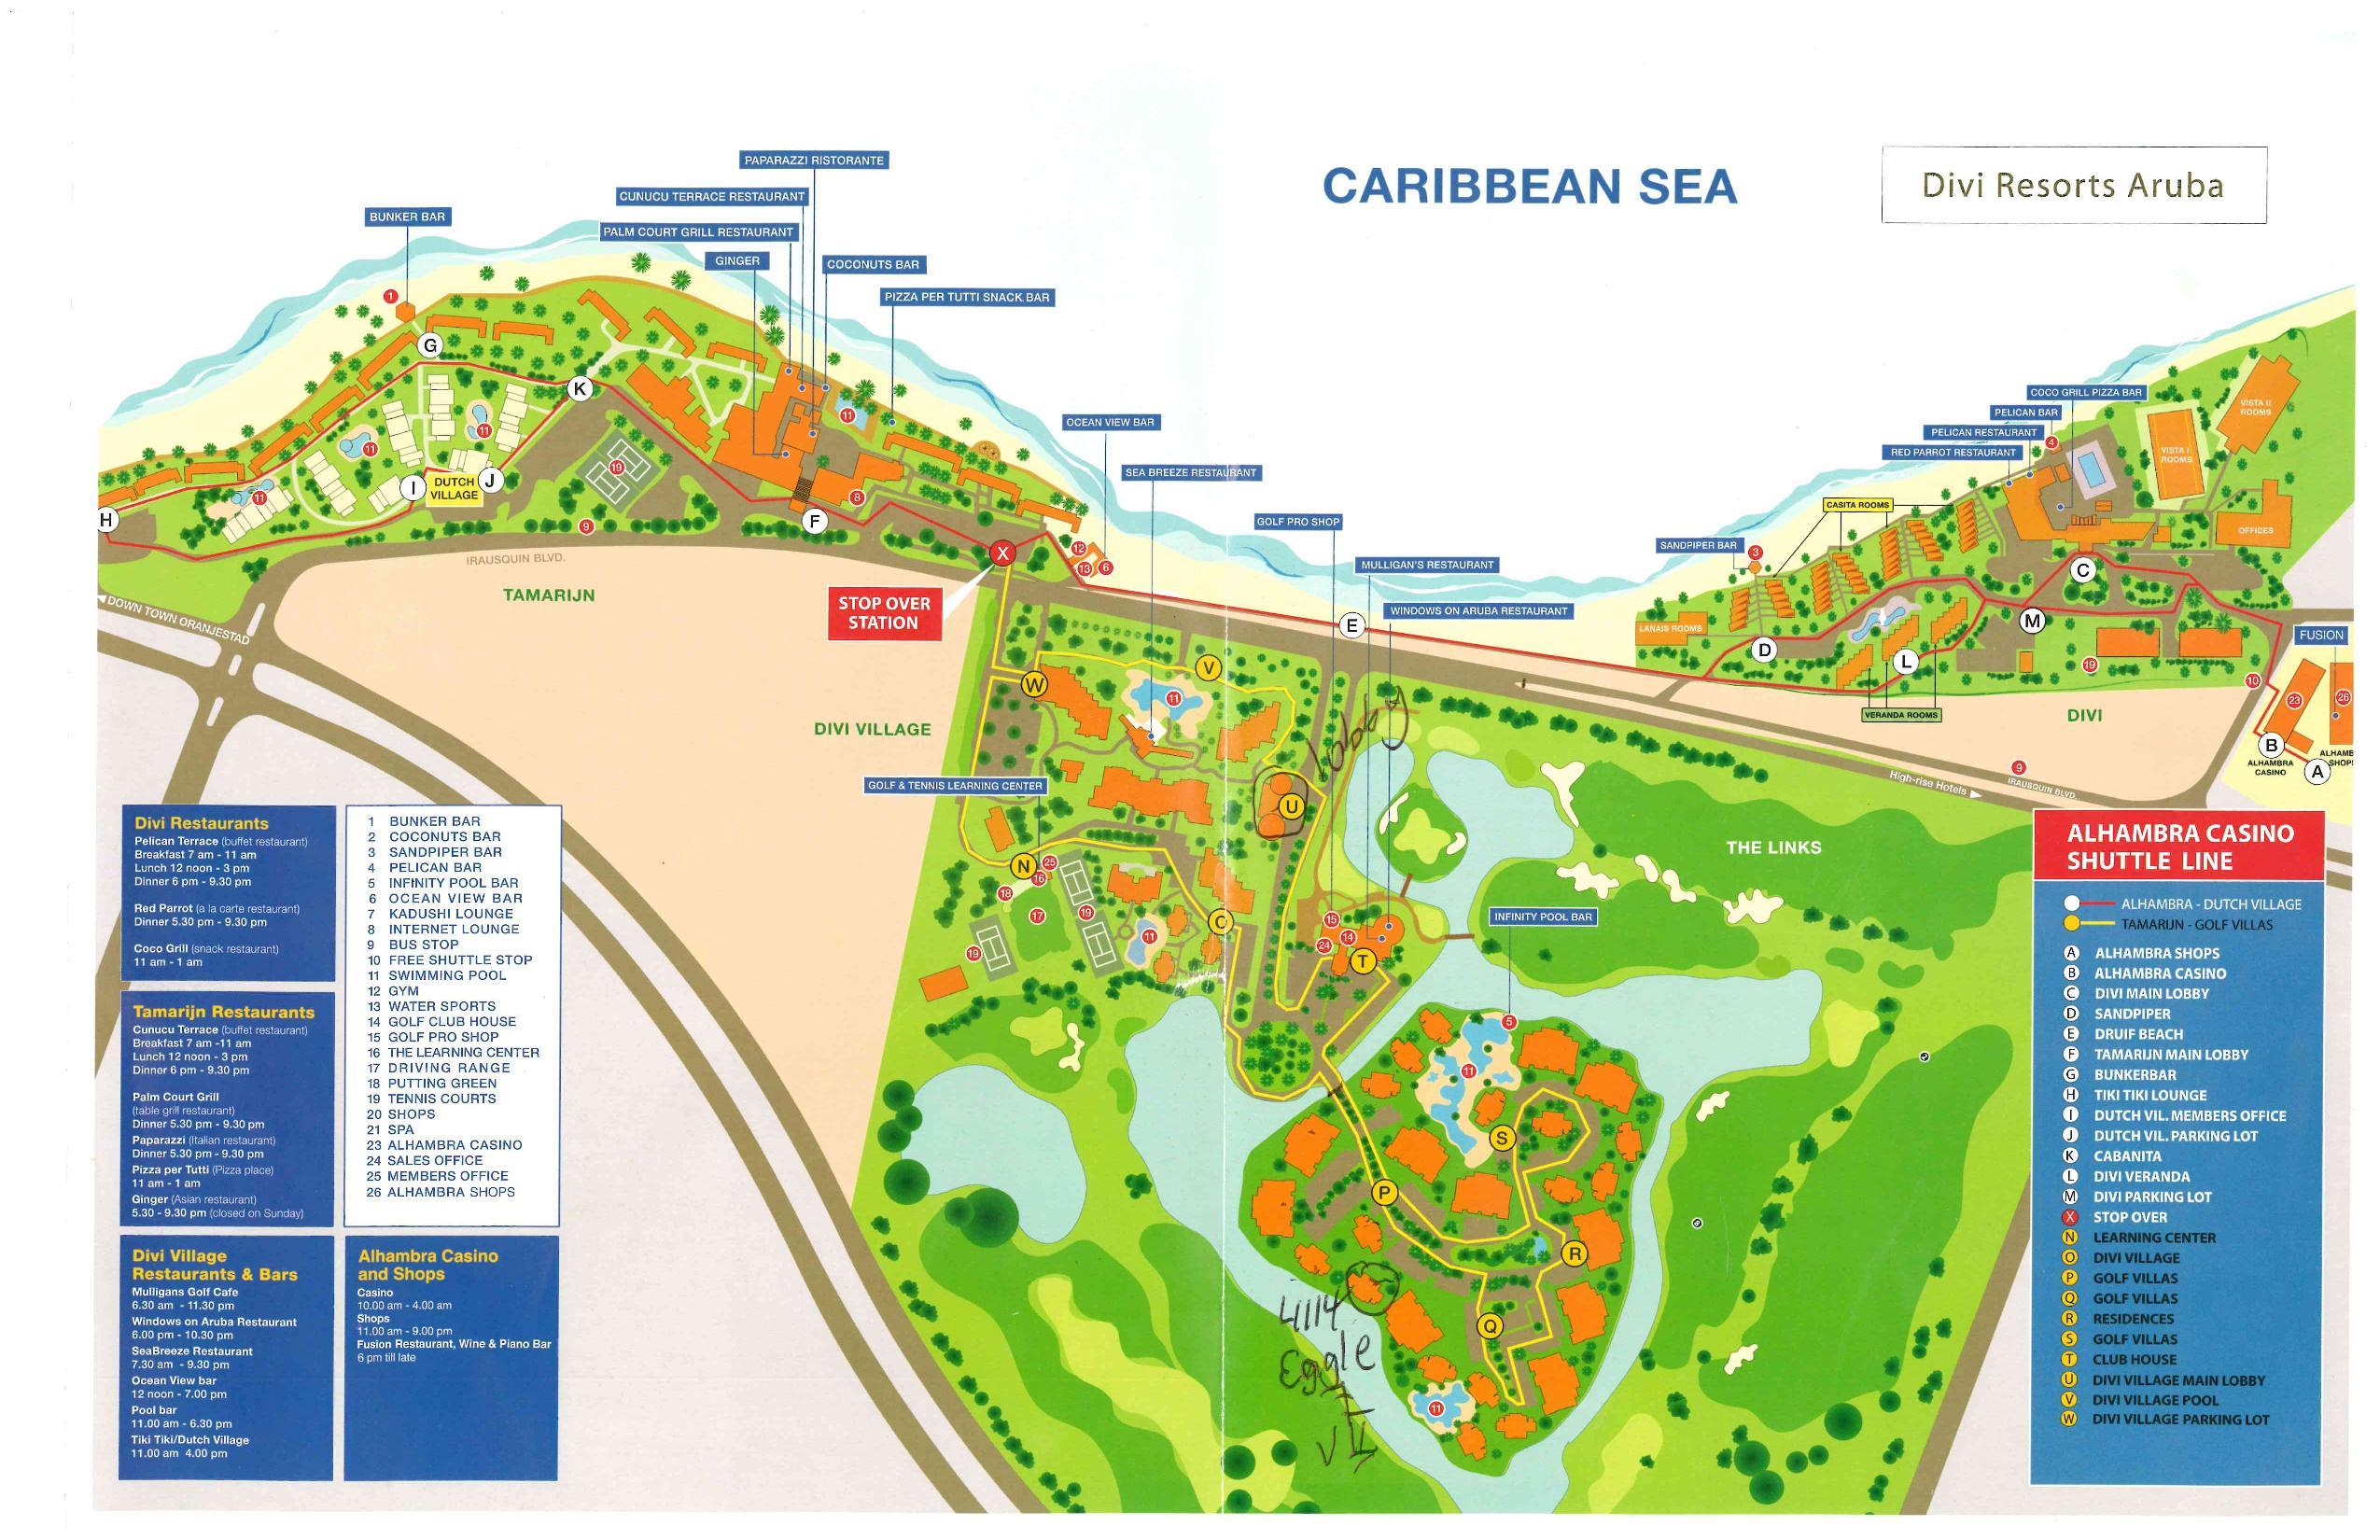 Divi Golf And Beach Resort Aruba Map